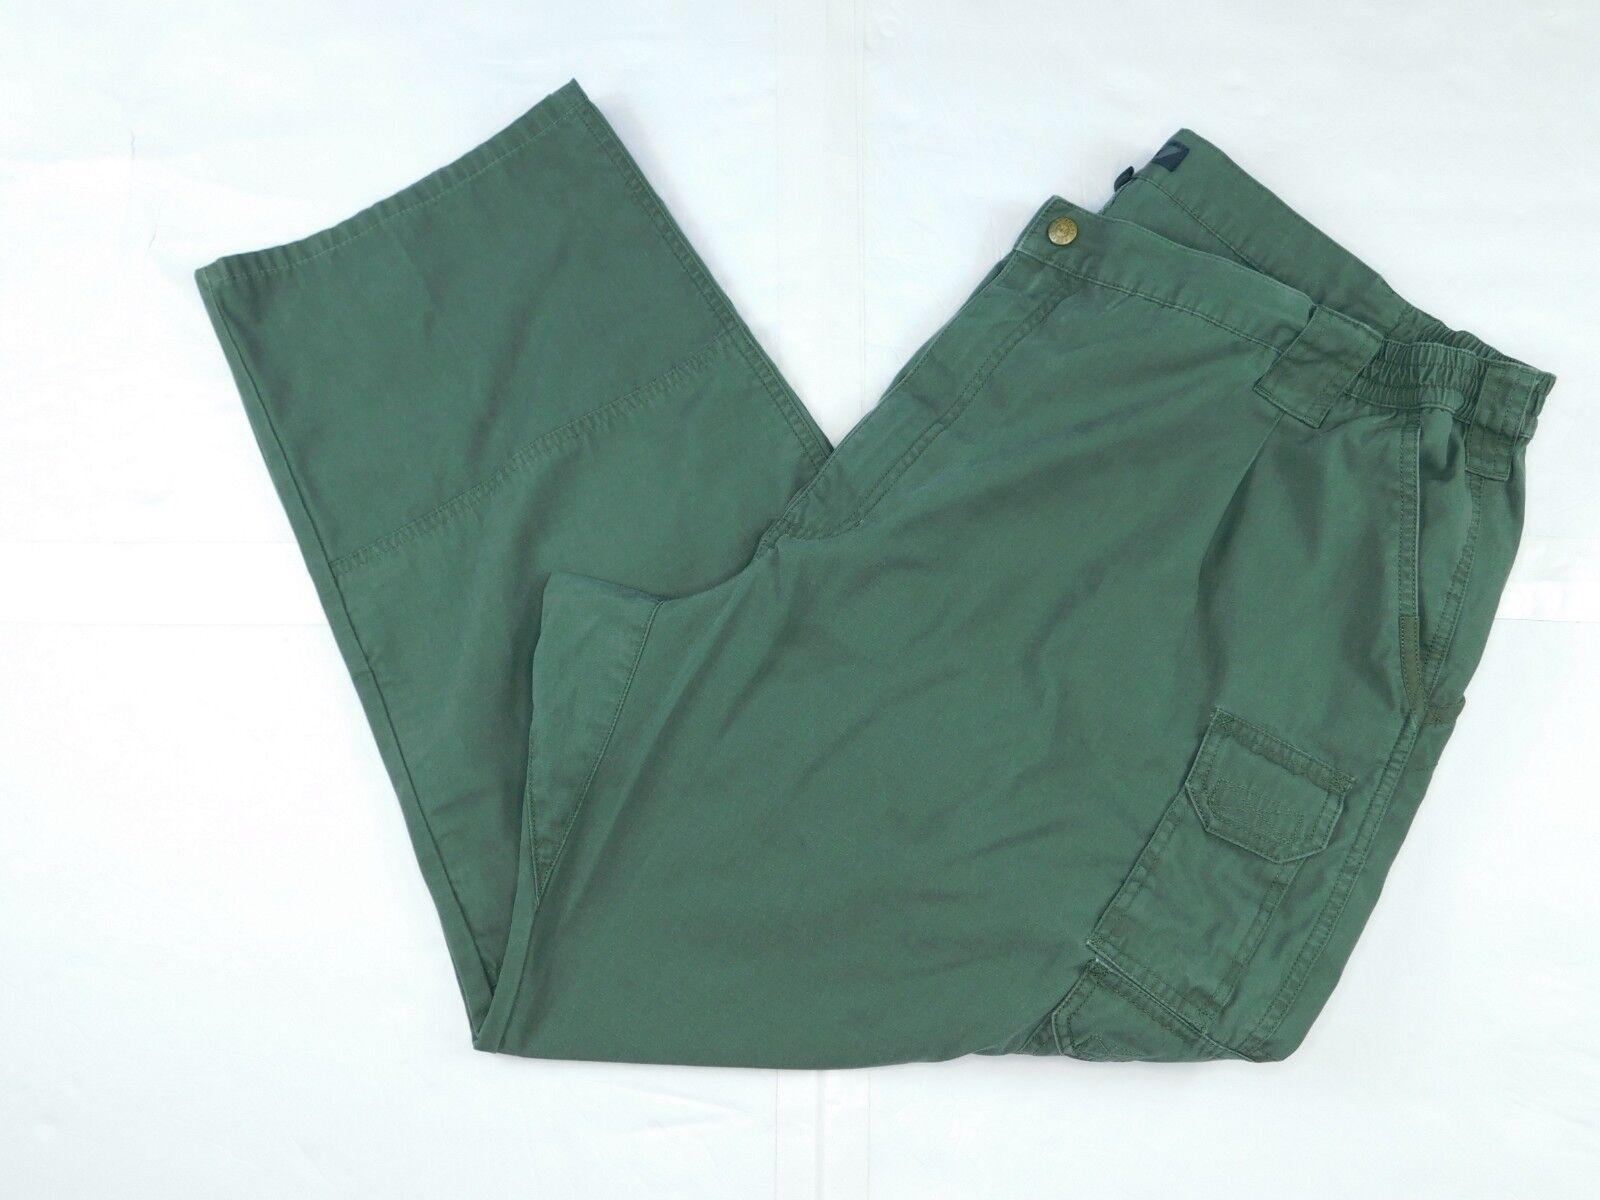 5.11 Men's Taclite Pro Tactical Pants (TDU Green) SZ 50